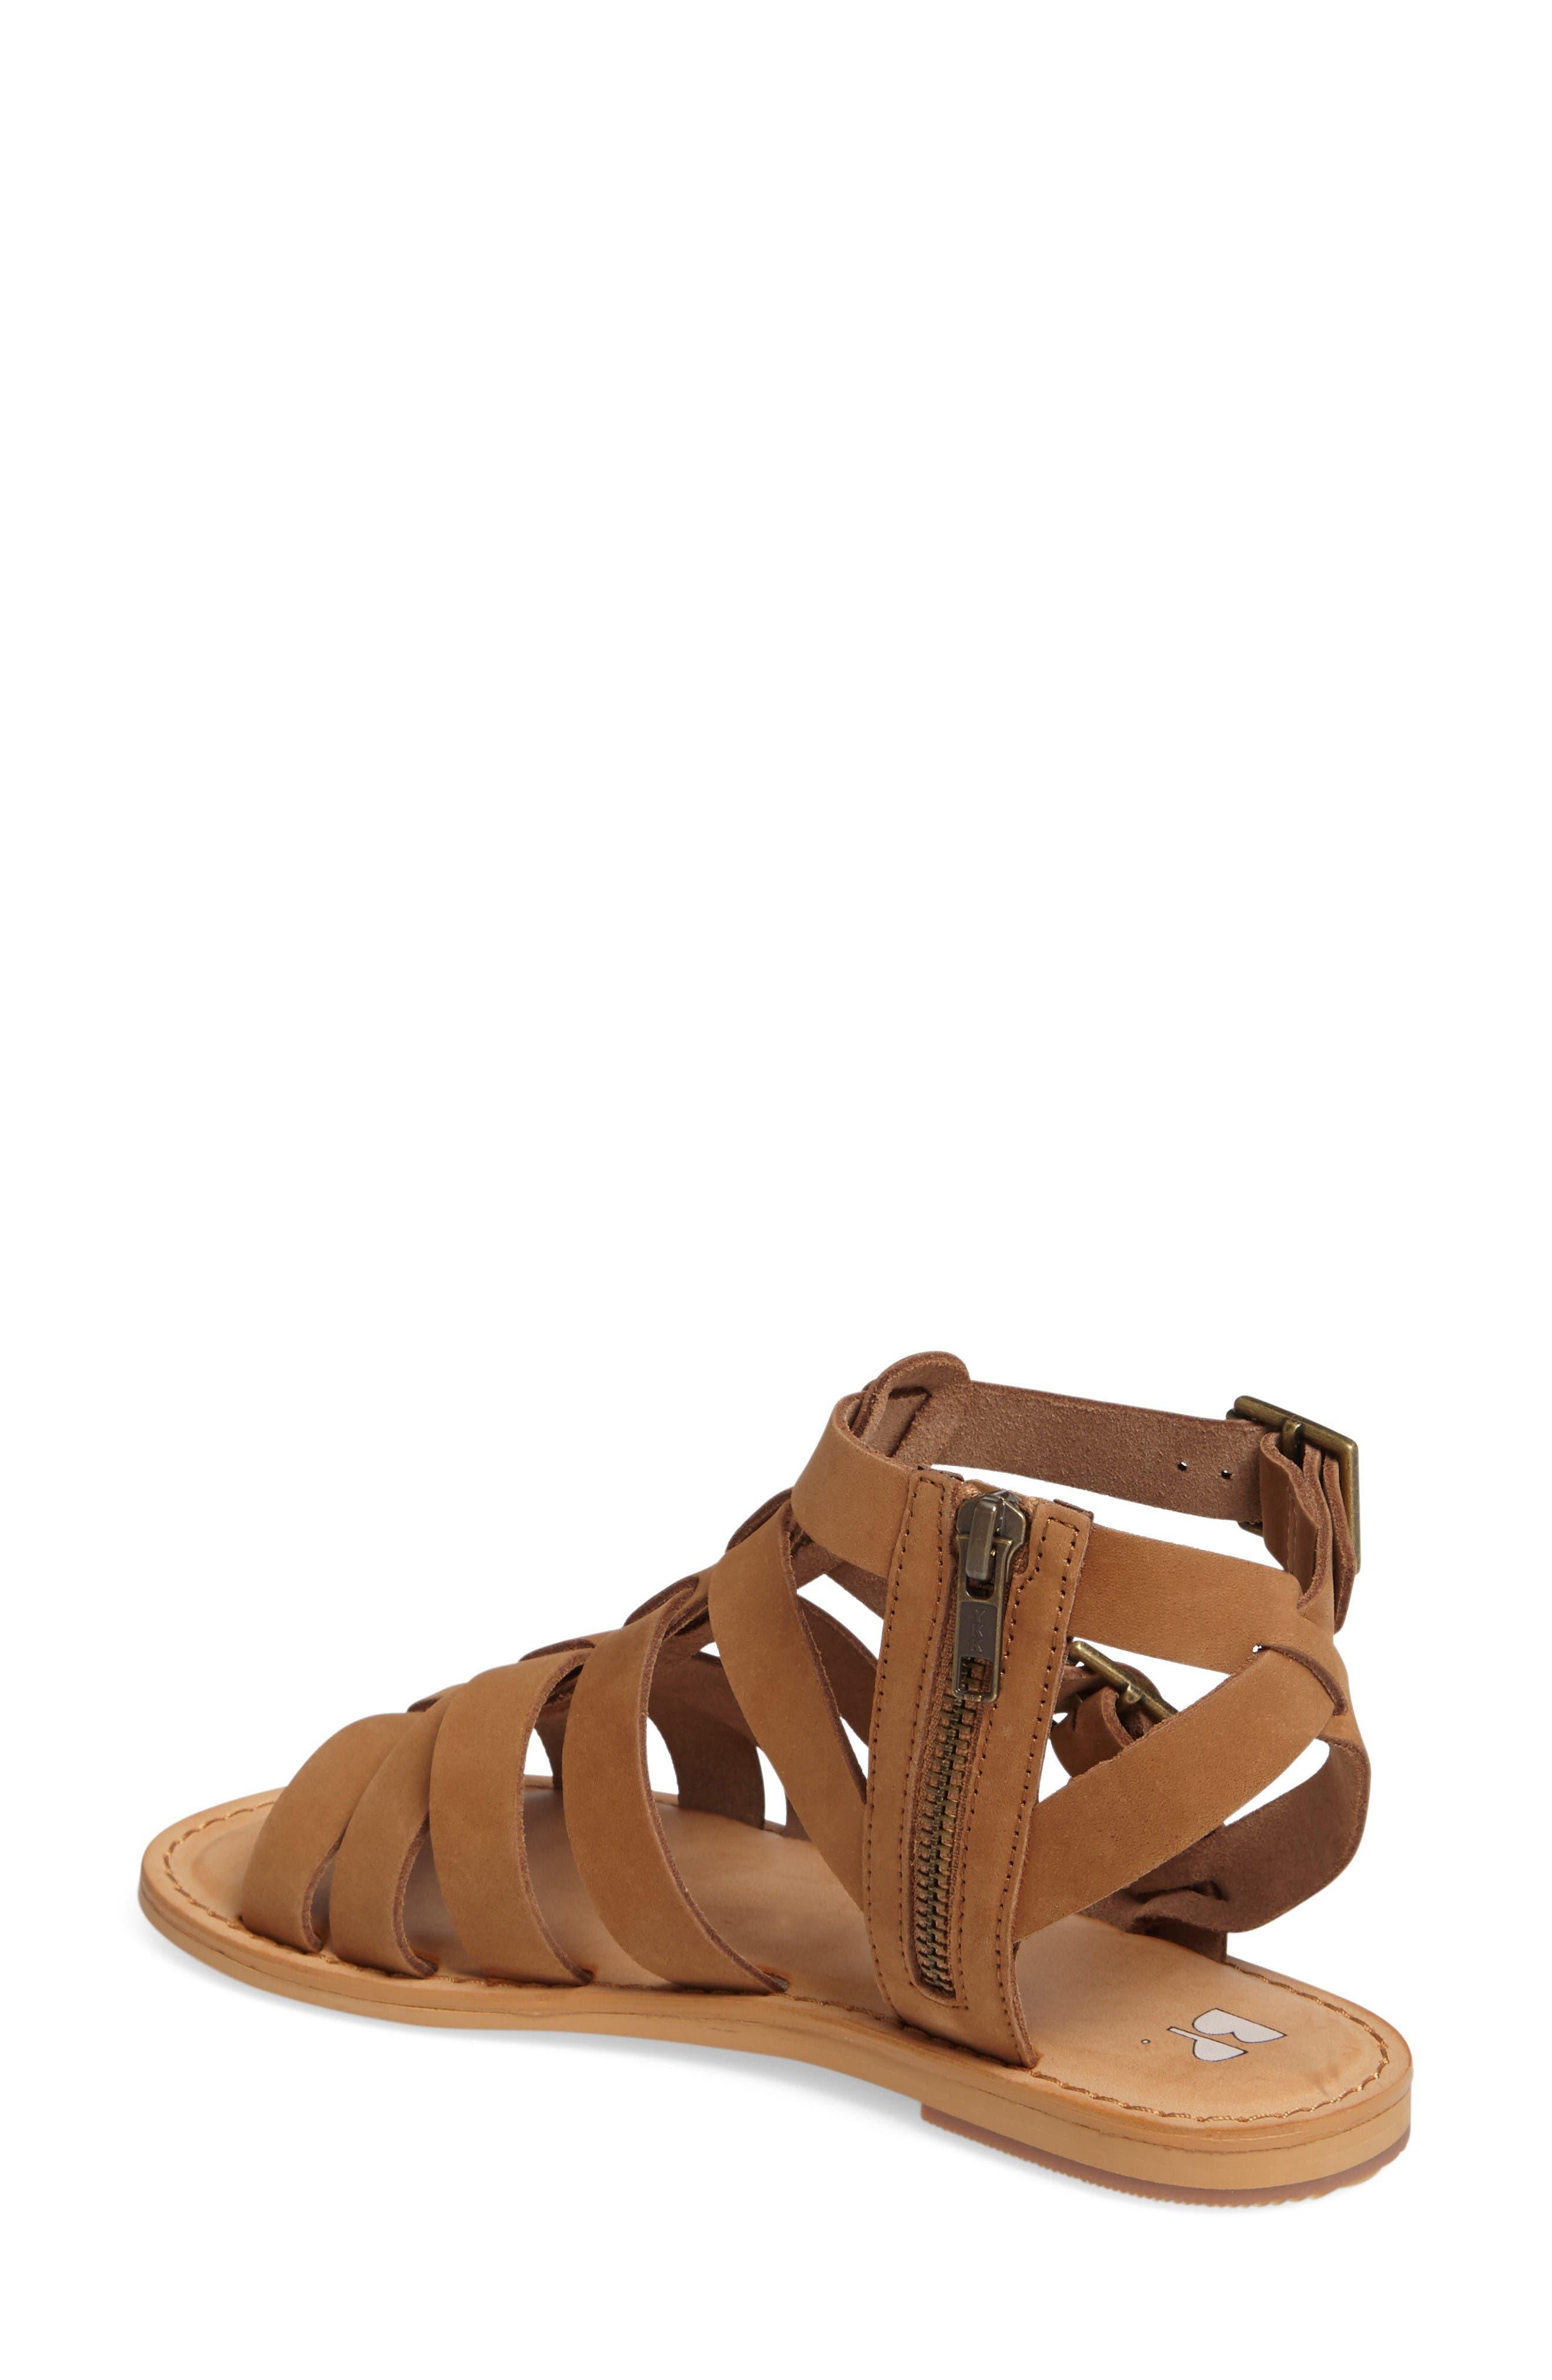 Alternate Image 2  - BP. Britt Gladiator Sandal (Women)